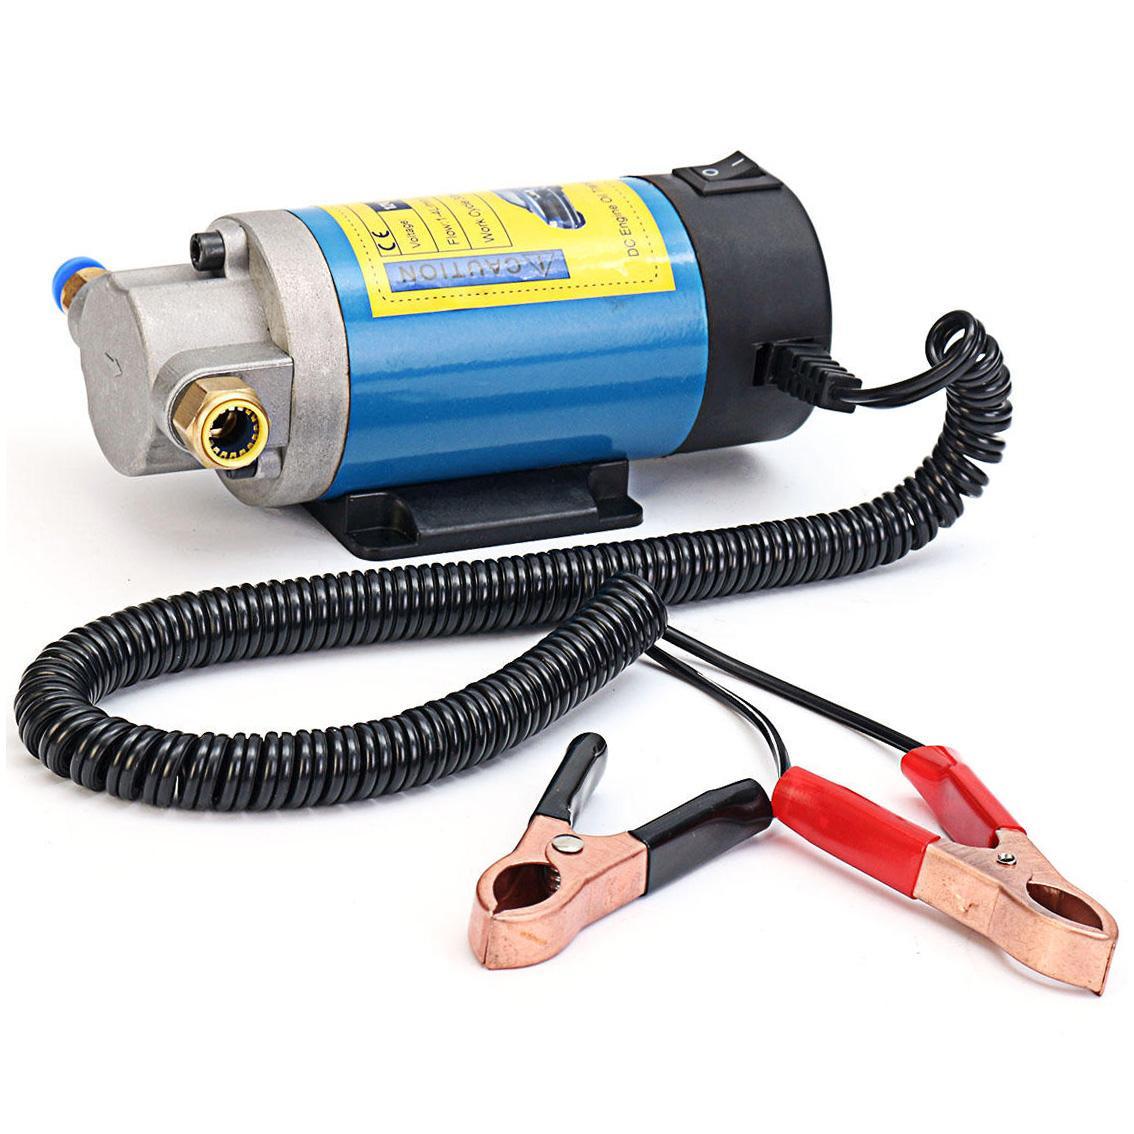 100W 12V Ölpumpe Ölabsaugpumpe Dieselpumpe Kraftstoffpumpe Absaugpumpe